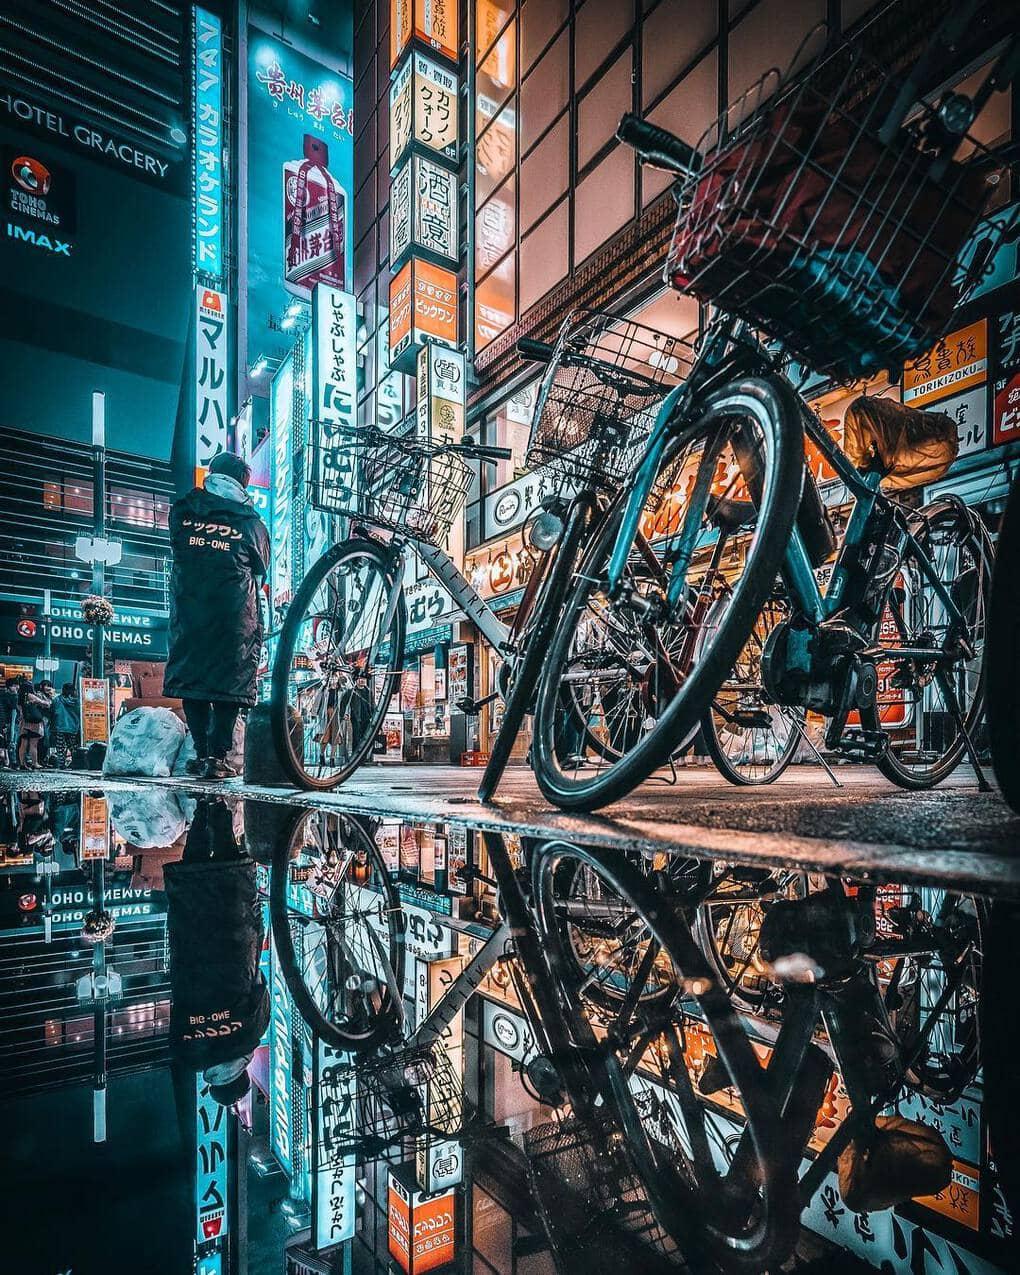 jungraphy 54513205 682570655519442 4558654605032566626 n - 25 работ фотографа из Токио, которые погрузят вас в магическую атмосферу ночных японских улиц